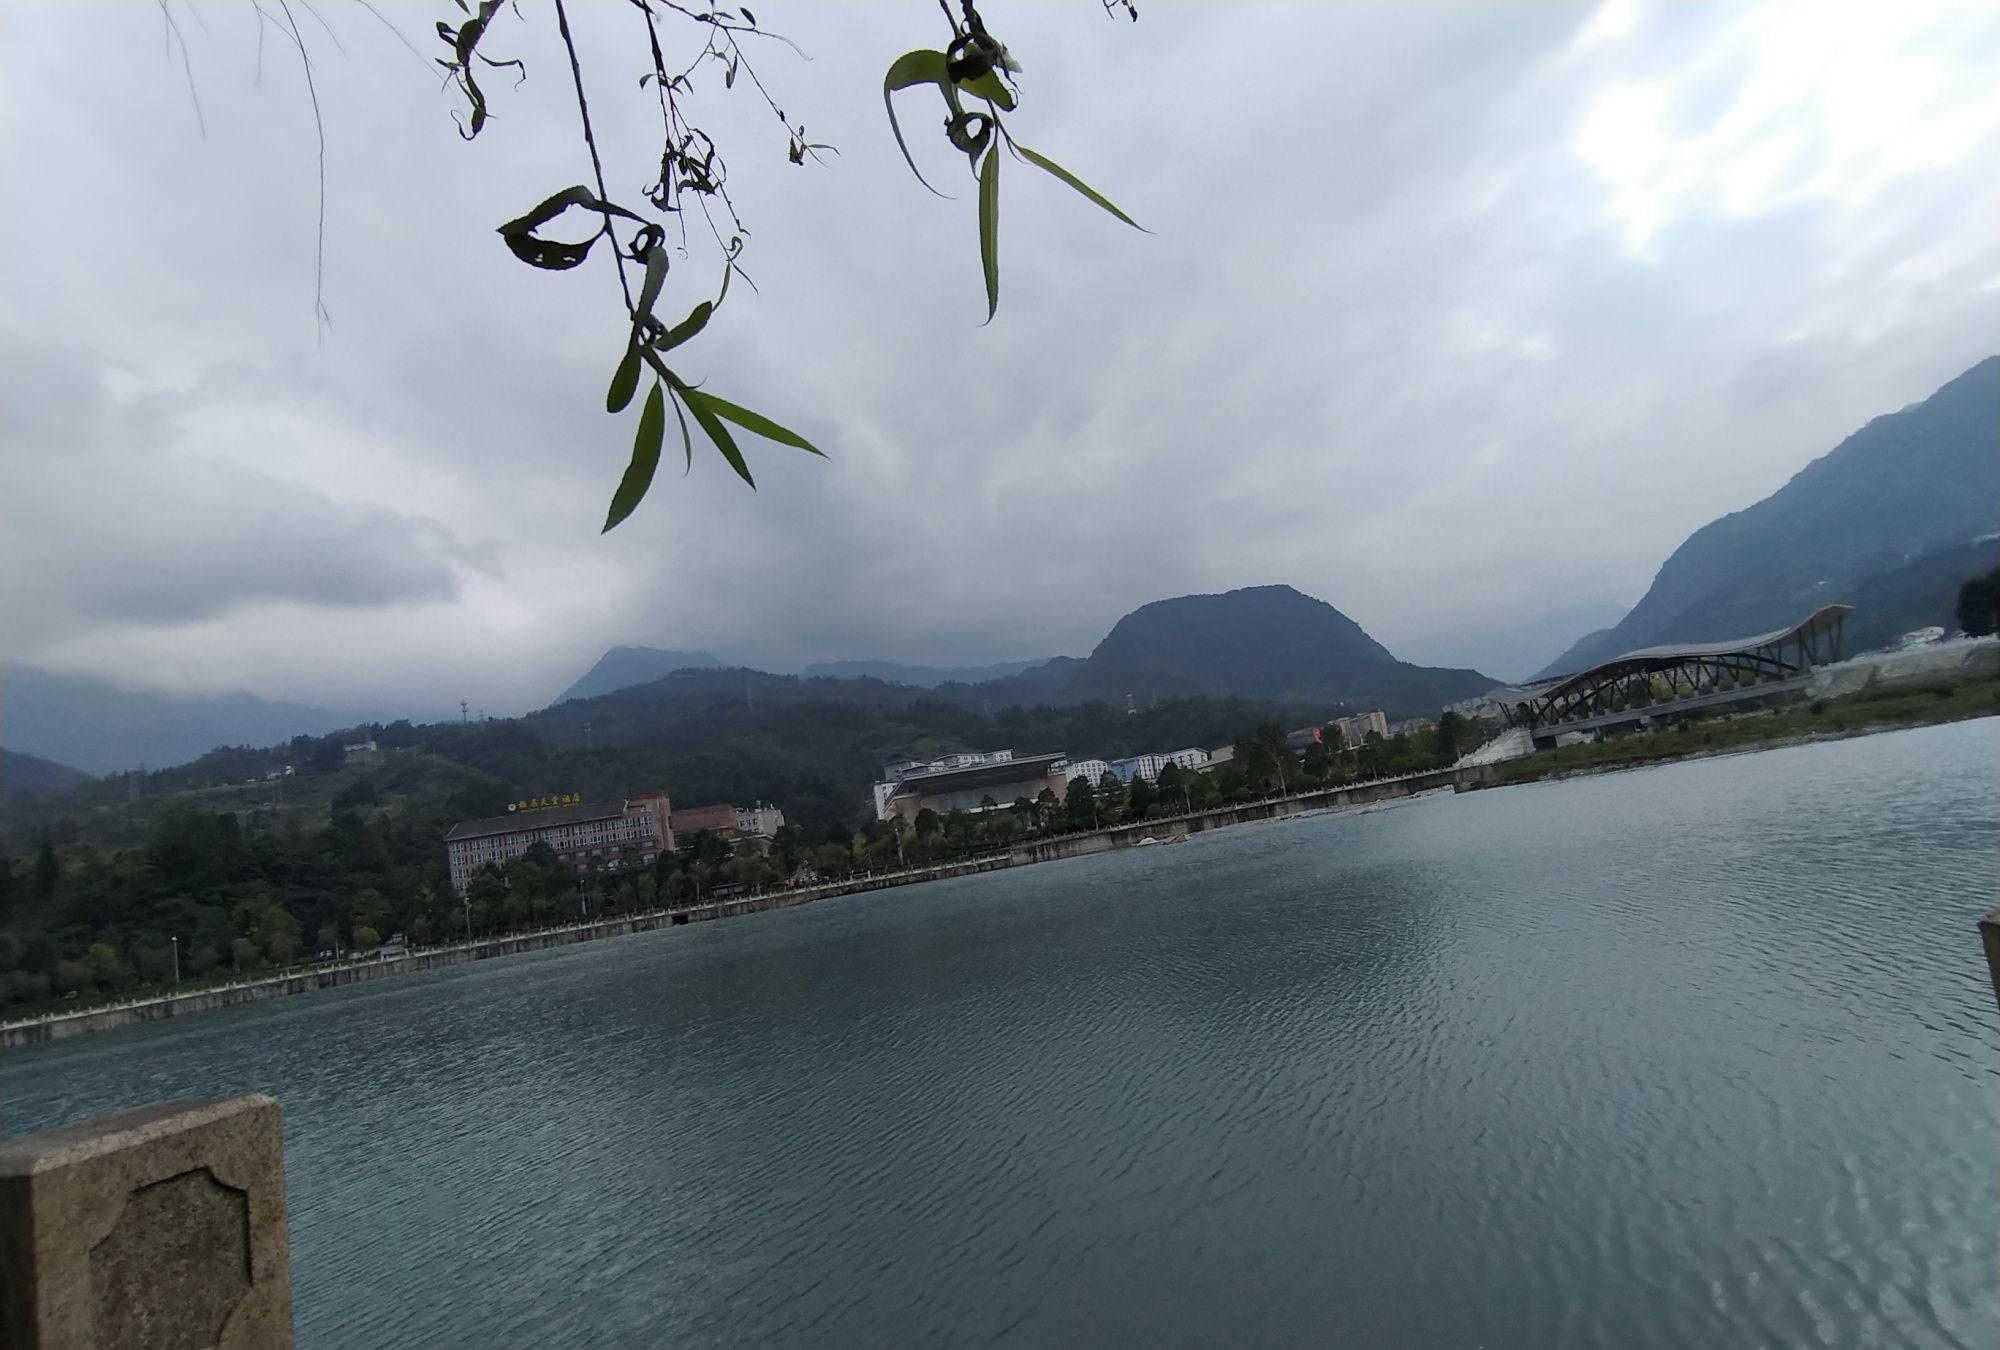 水磨古镇旅游全景图